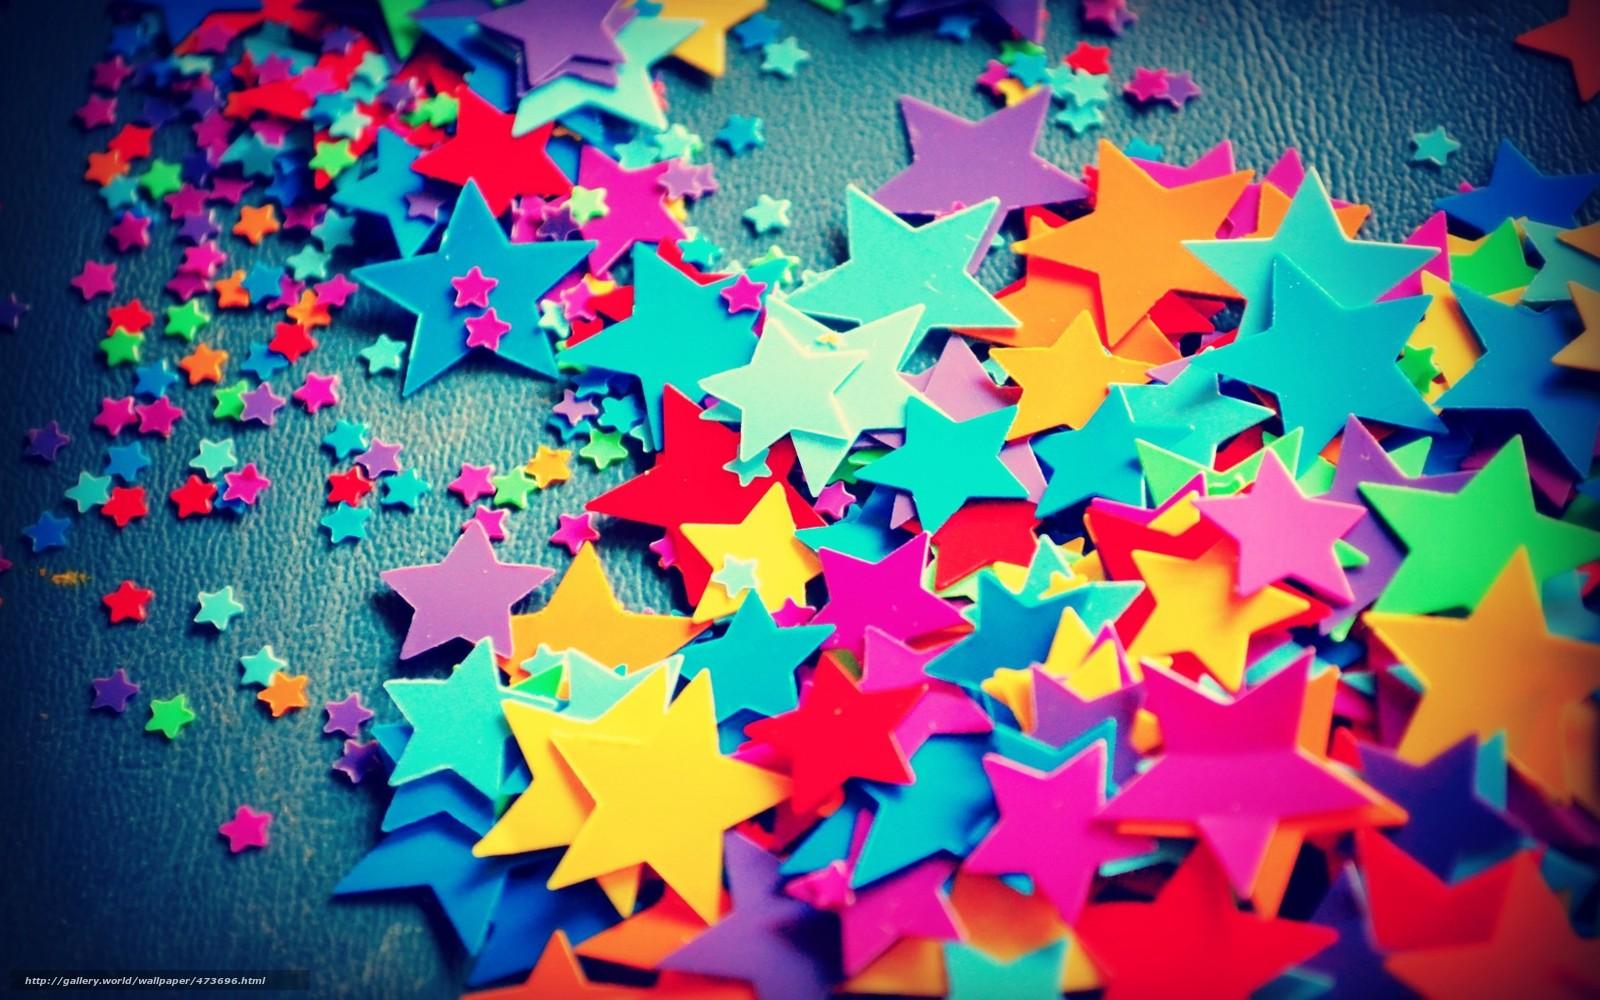 Скачать обои звёздочки,  большие,  маленькие,  цветные бесплатно для рабочего стола в разрешении 1680x1050 — картинка №473696